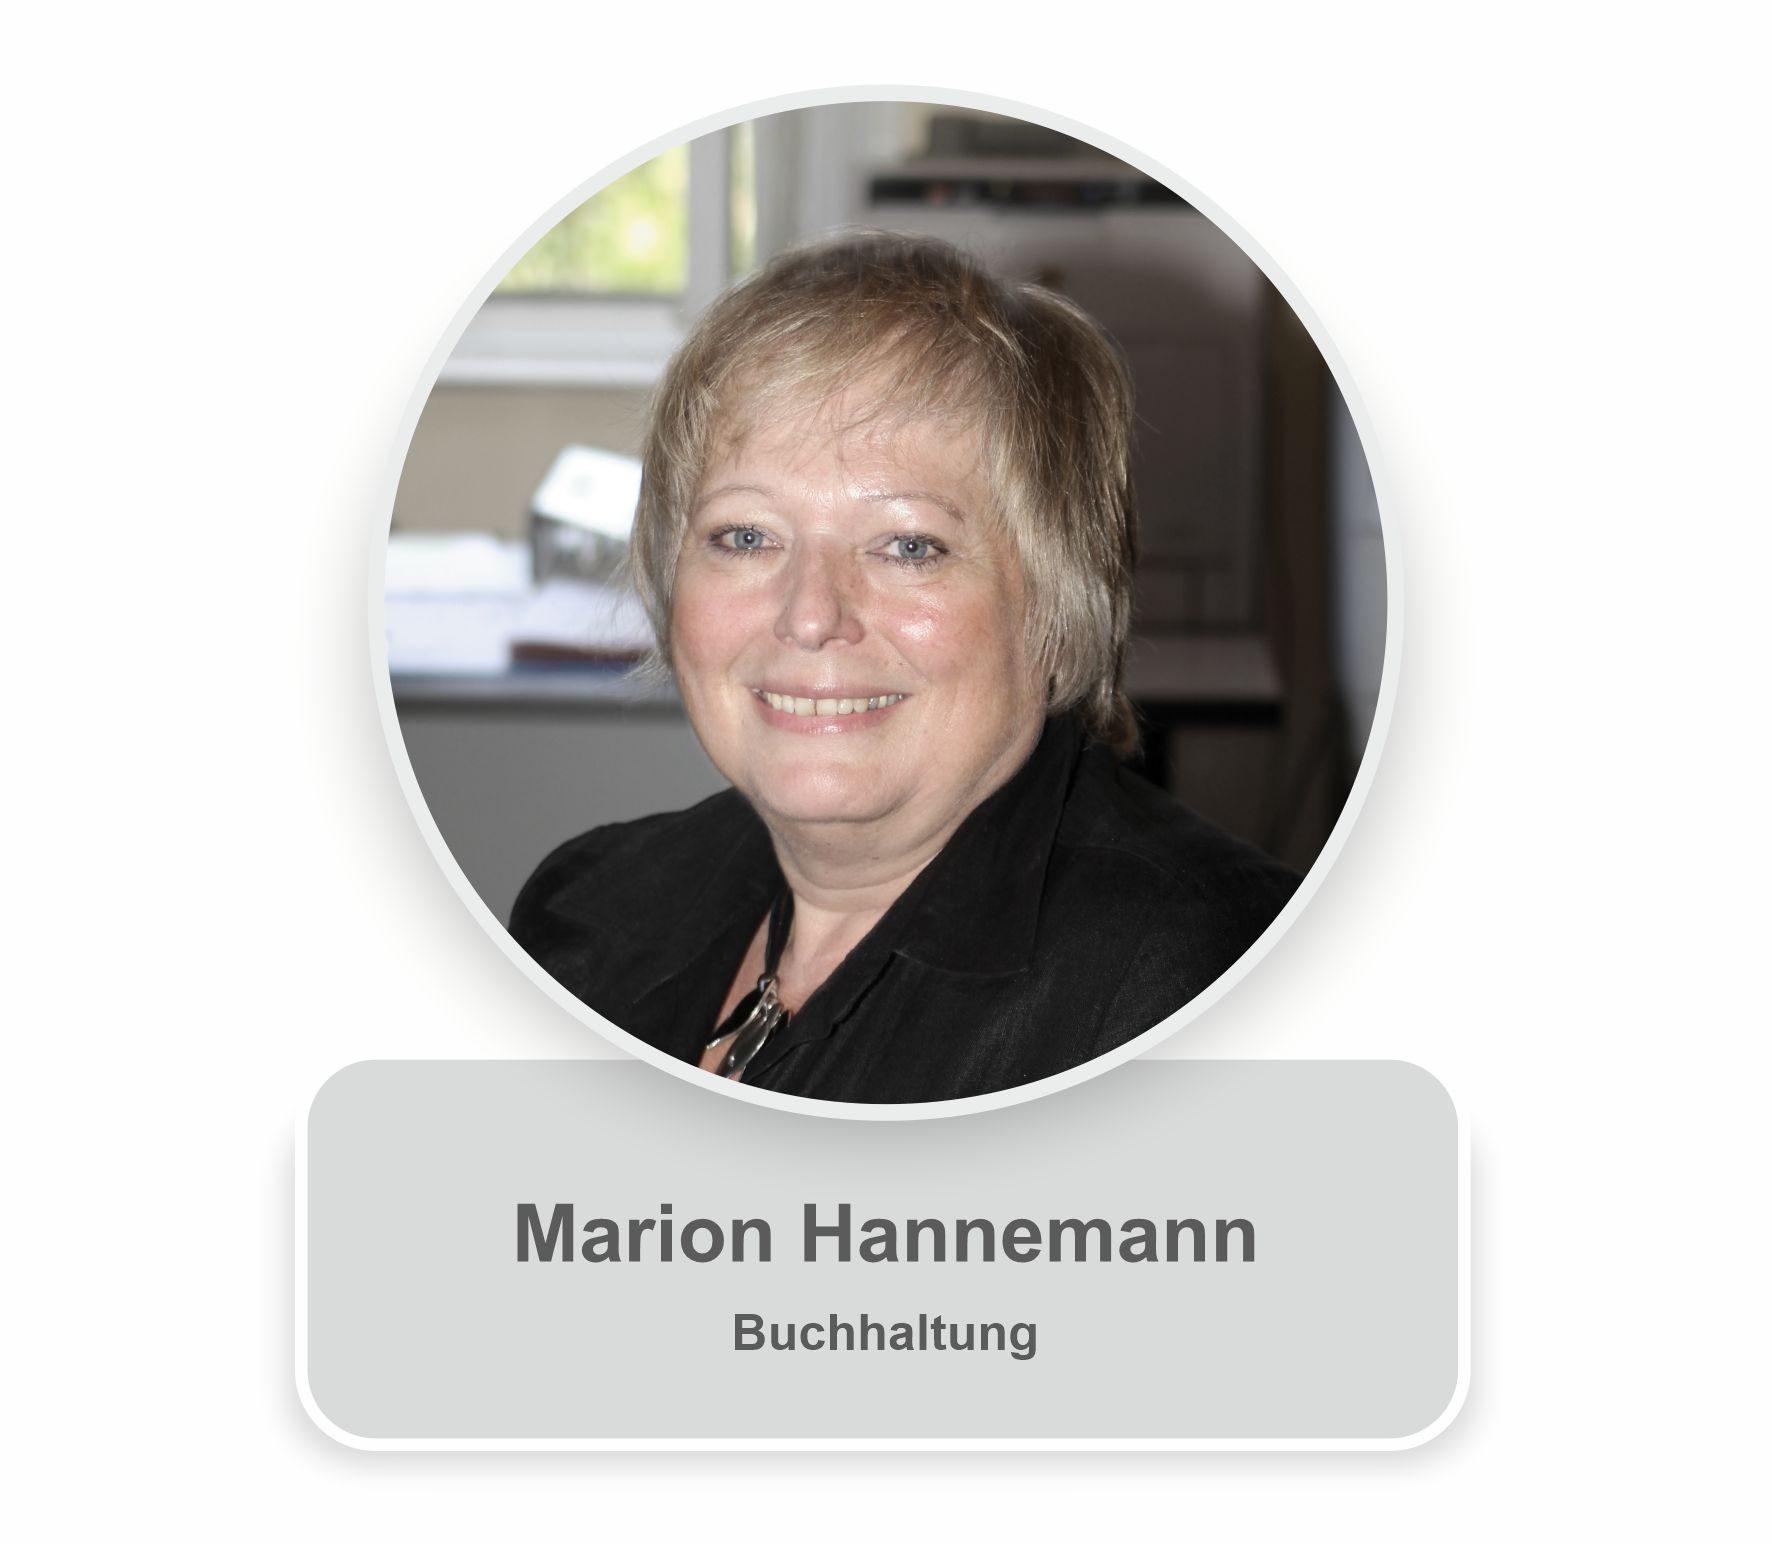 Marion Hannemann